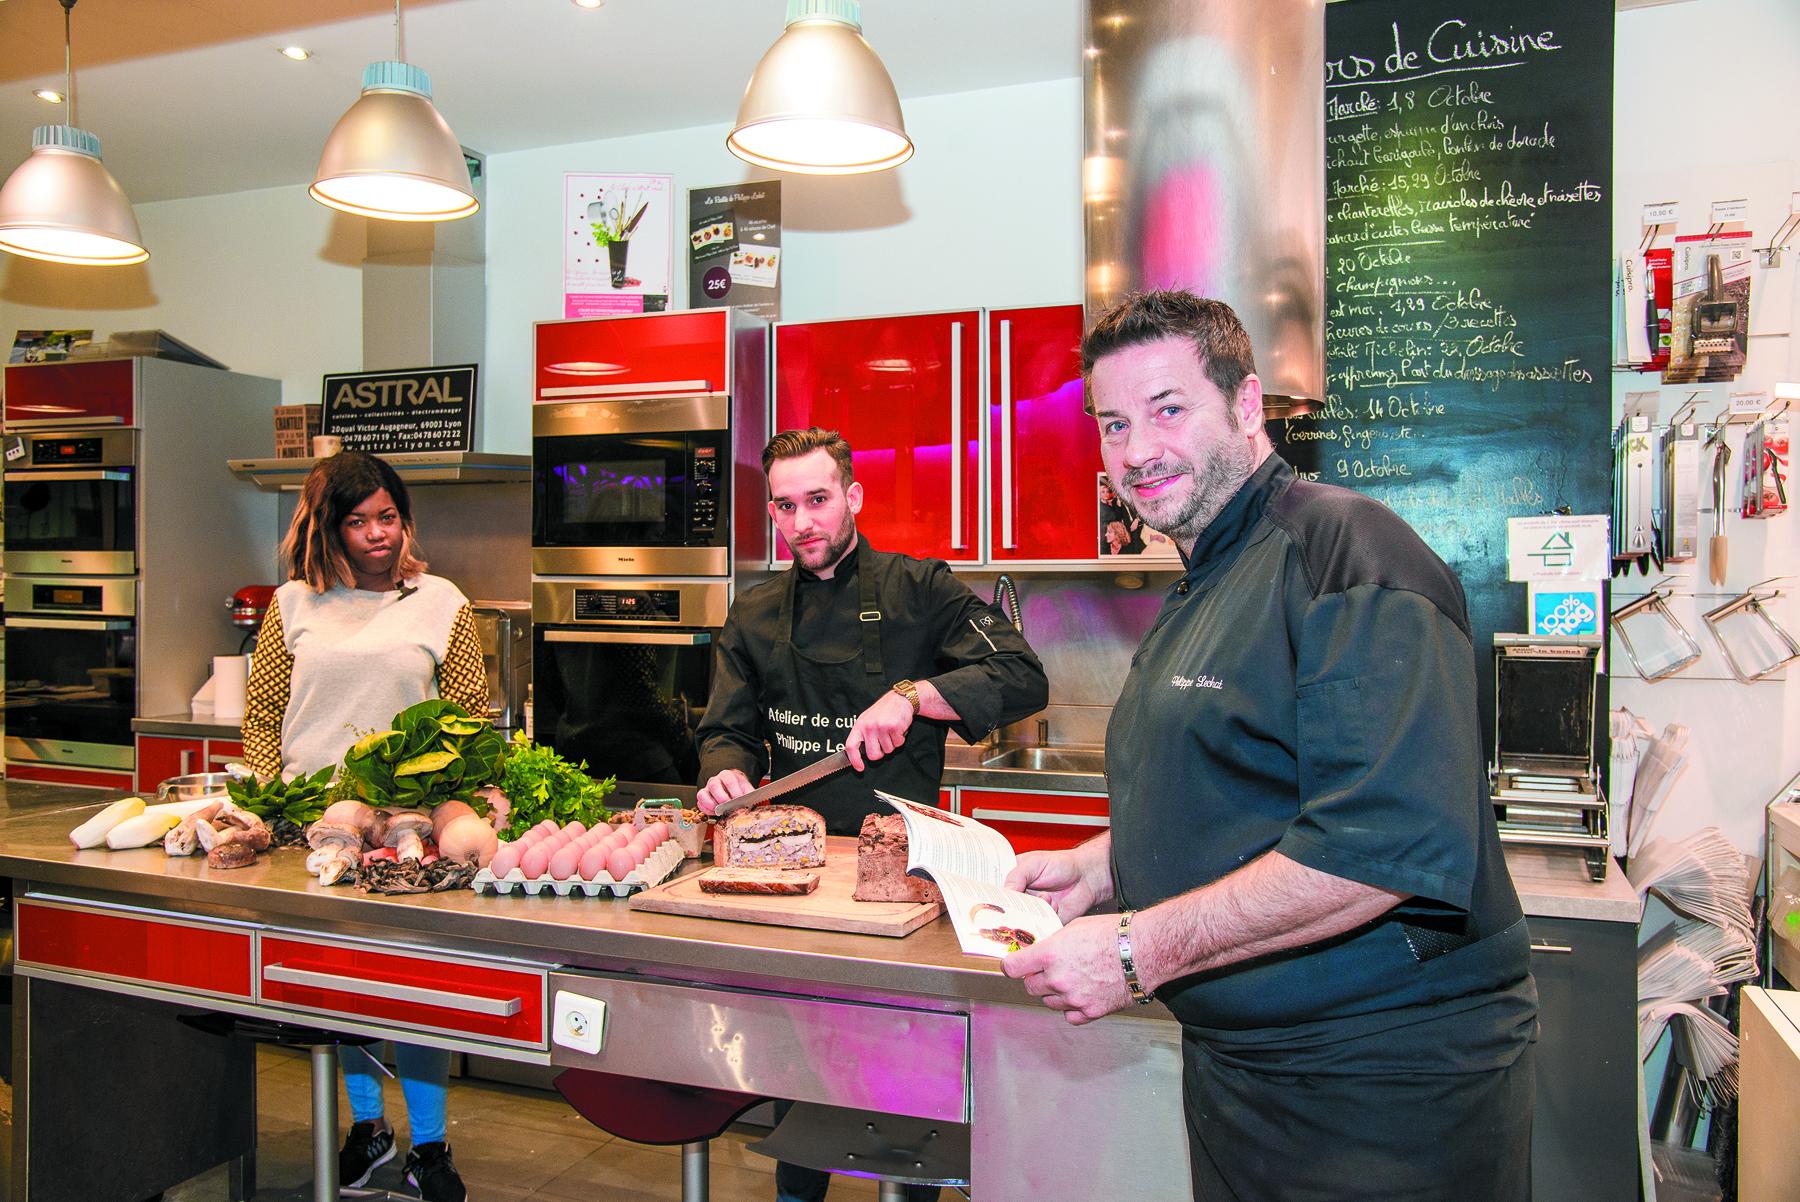 Atelier de cuisine les toques blanches lyonnaises for Atelier de cuisine philippe lechat